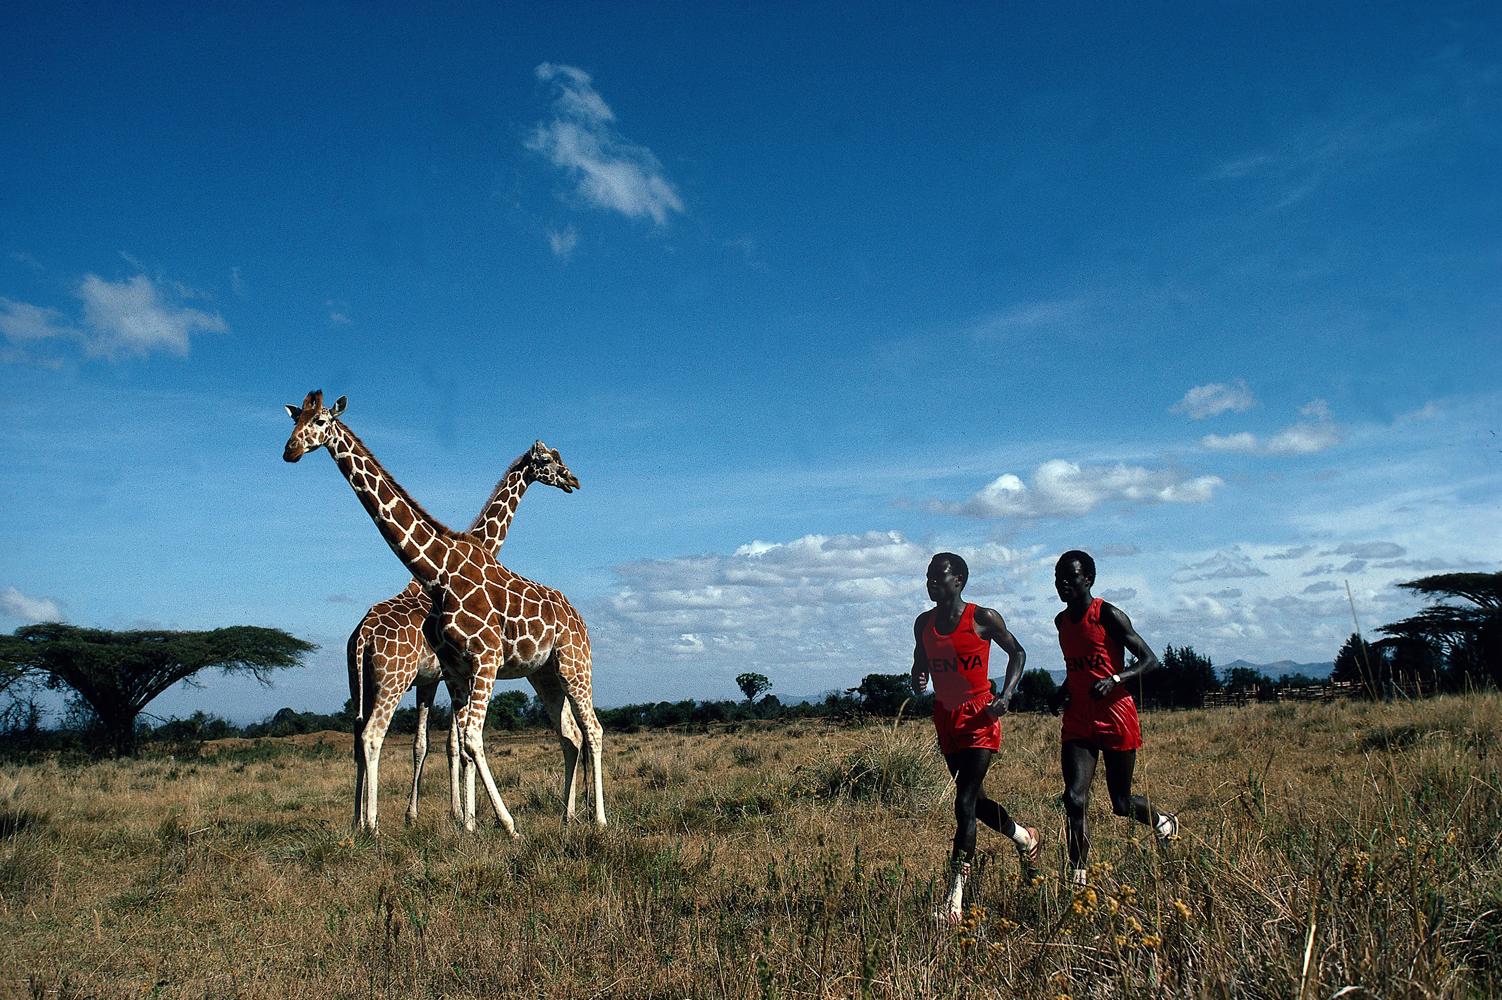 Kenya marathon runners Kipkoech Cheruiyot and Charles Cheruiyot run next to giraffes in Nanyuki, Kenya.